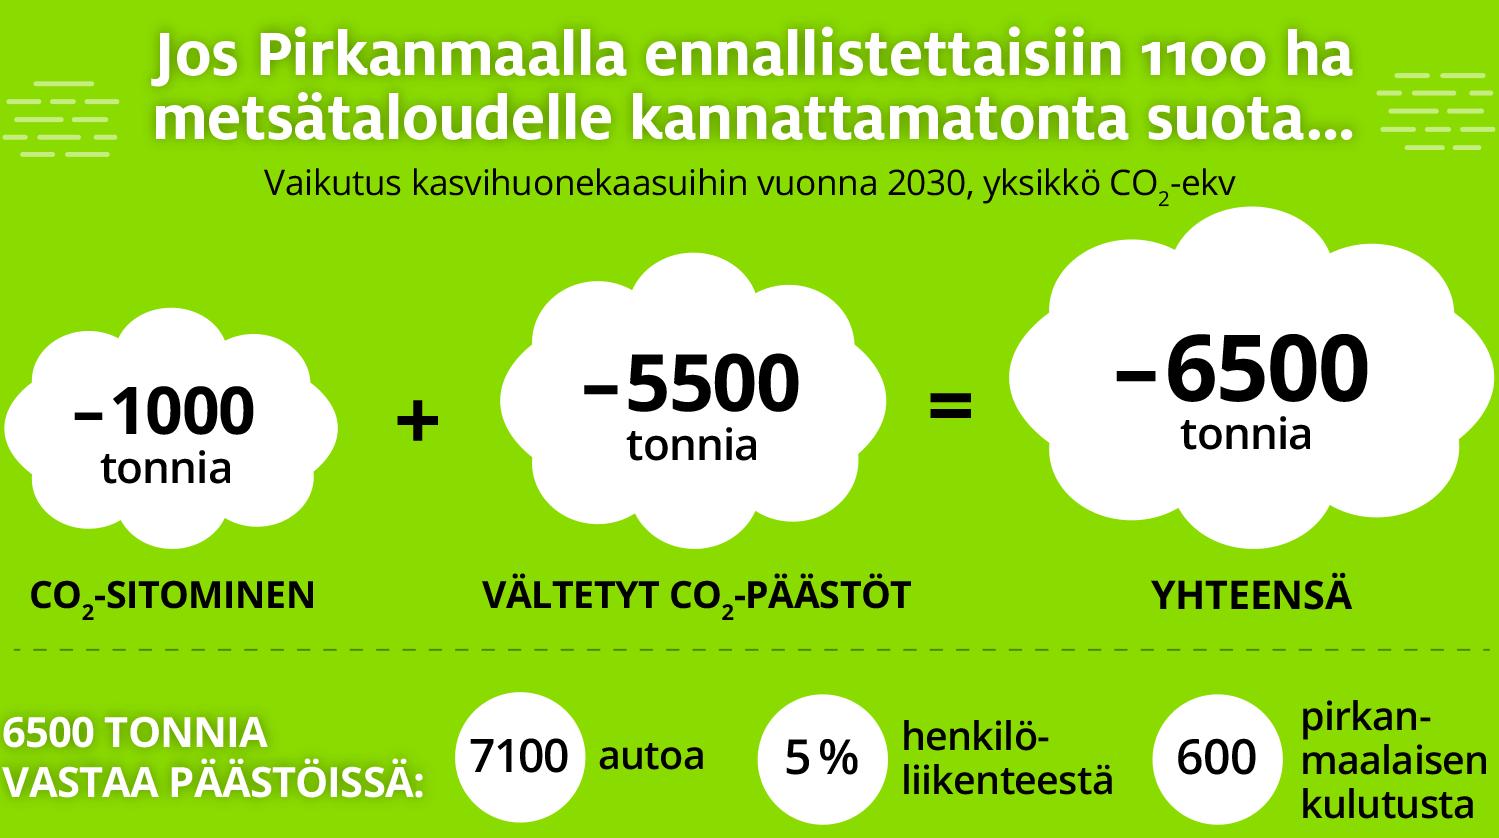 Jos Pirkanmaalla ennallistettaisiin 1100 ha metsätaloudelle kannattamatonta suota, syntyisi vuonna 2030 kasvihuonekaasuja 6500 tonnia nykyistä vähemmän. Määrä vastaa päästöinä 7100 autoa, viittä prosenttia henkilöliikenteestä tai 600 pirkanmaalaisen kulutusta.